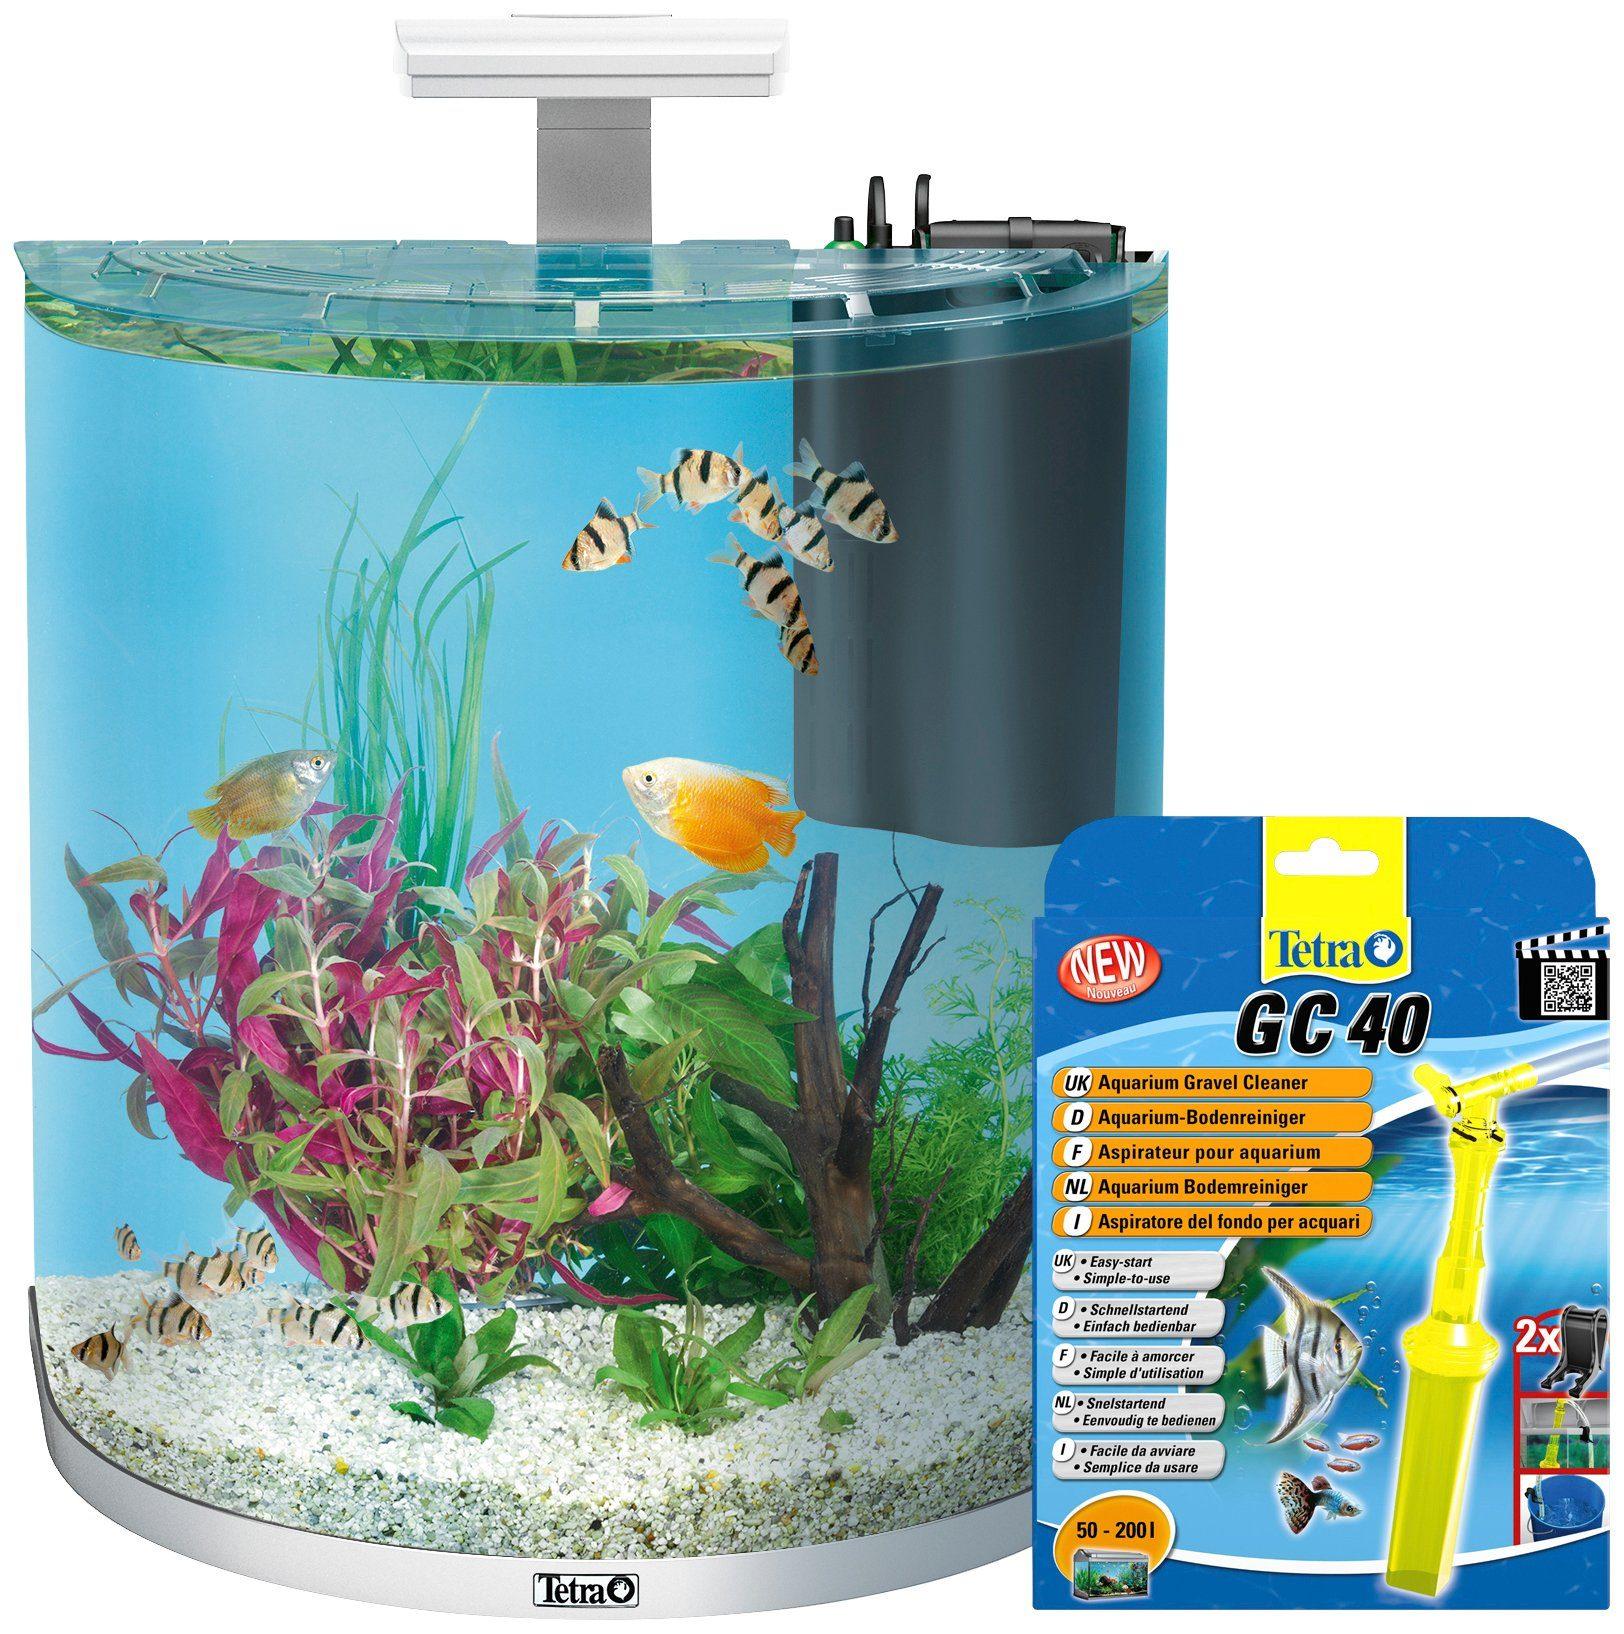 TETRA Aquarien-Set »AquaArt LED Explorer Line«, weiß, 60 Liter, inkl. GC 40 Bodenreiniger